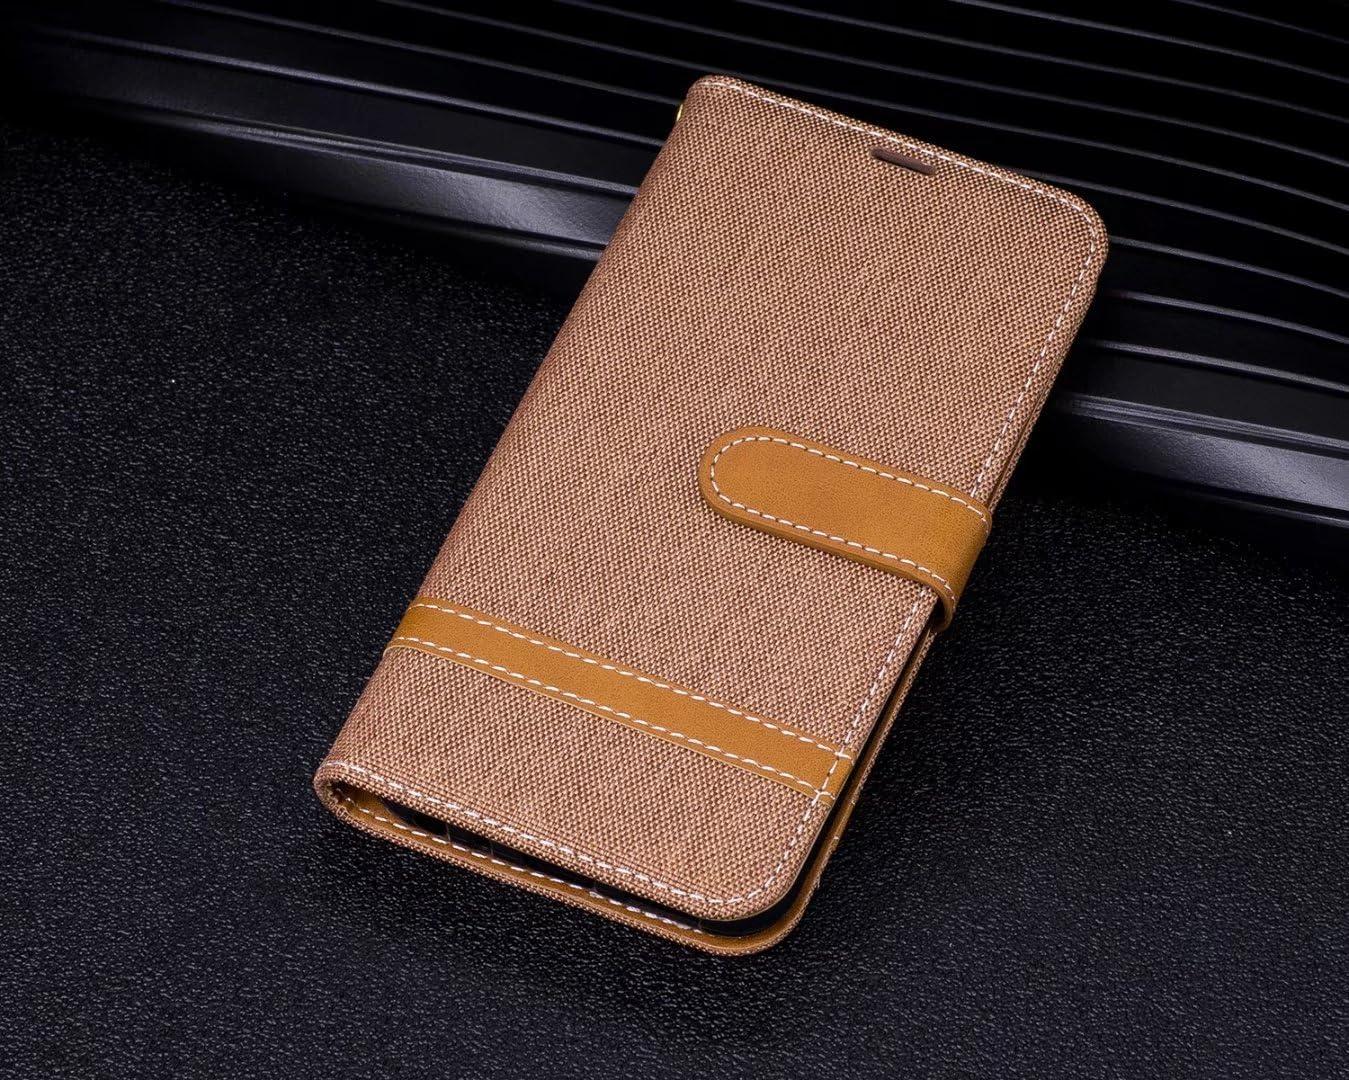 Stile del Denim Blue LEMORRY Per LG Q8 H970 Custodia Pelle Cuoio Flip Portafoglio Borsa Sottile Bumper Protettivo Magnetico Morbido Silicone TPU Cover Custodia per LG Q8 H970